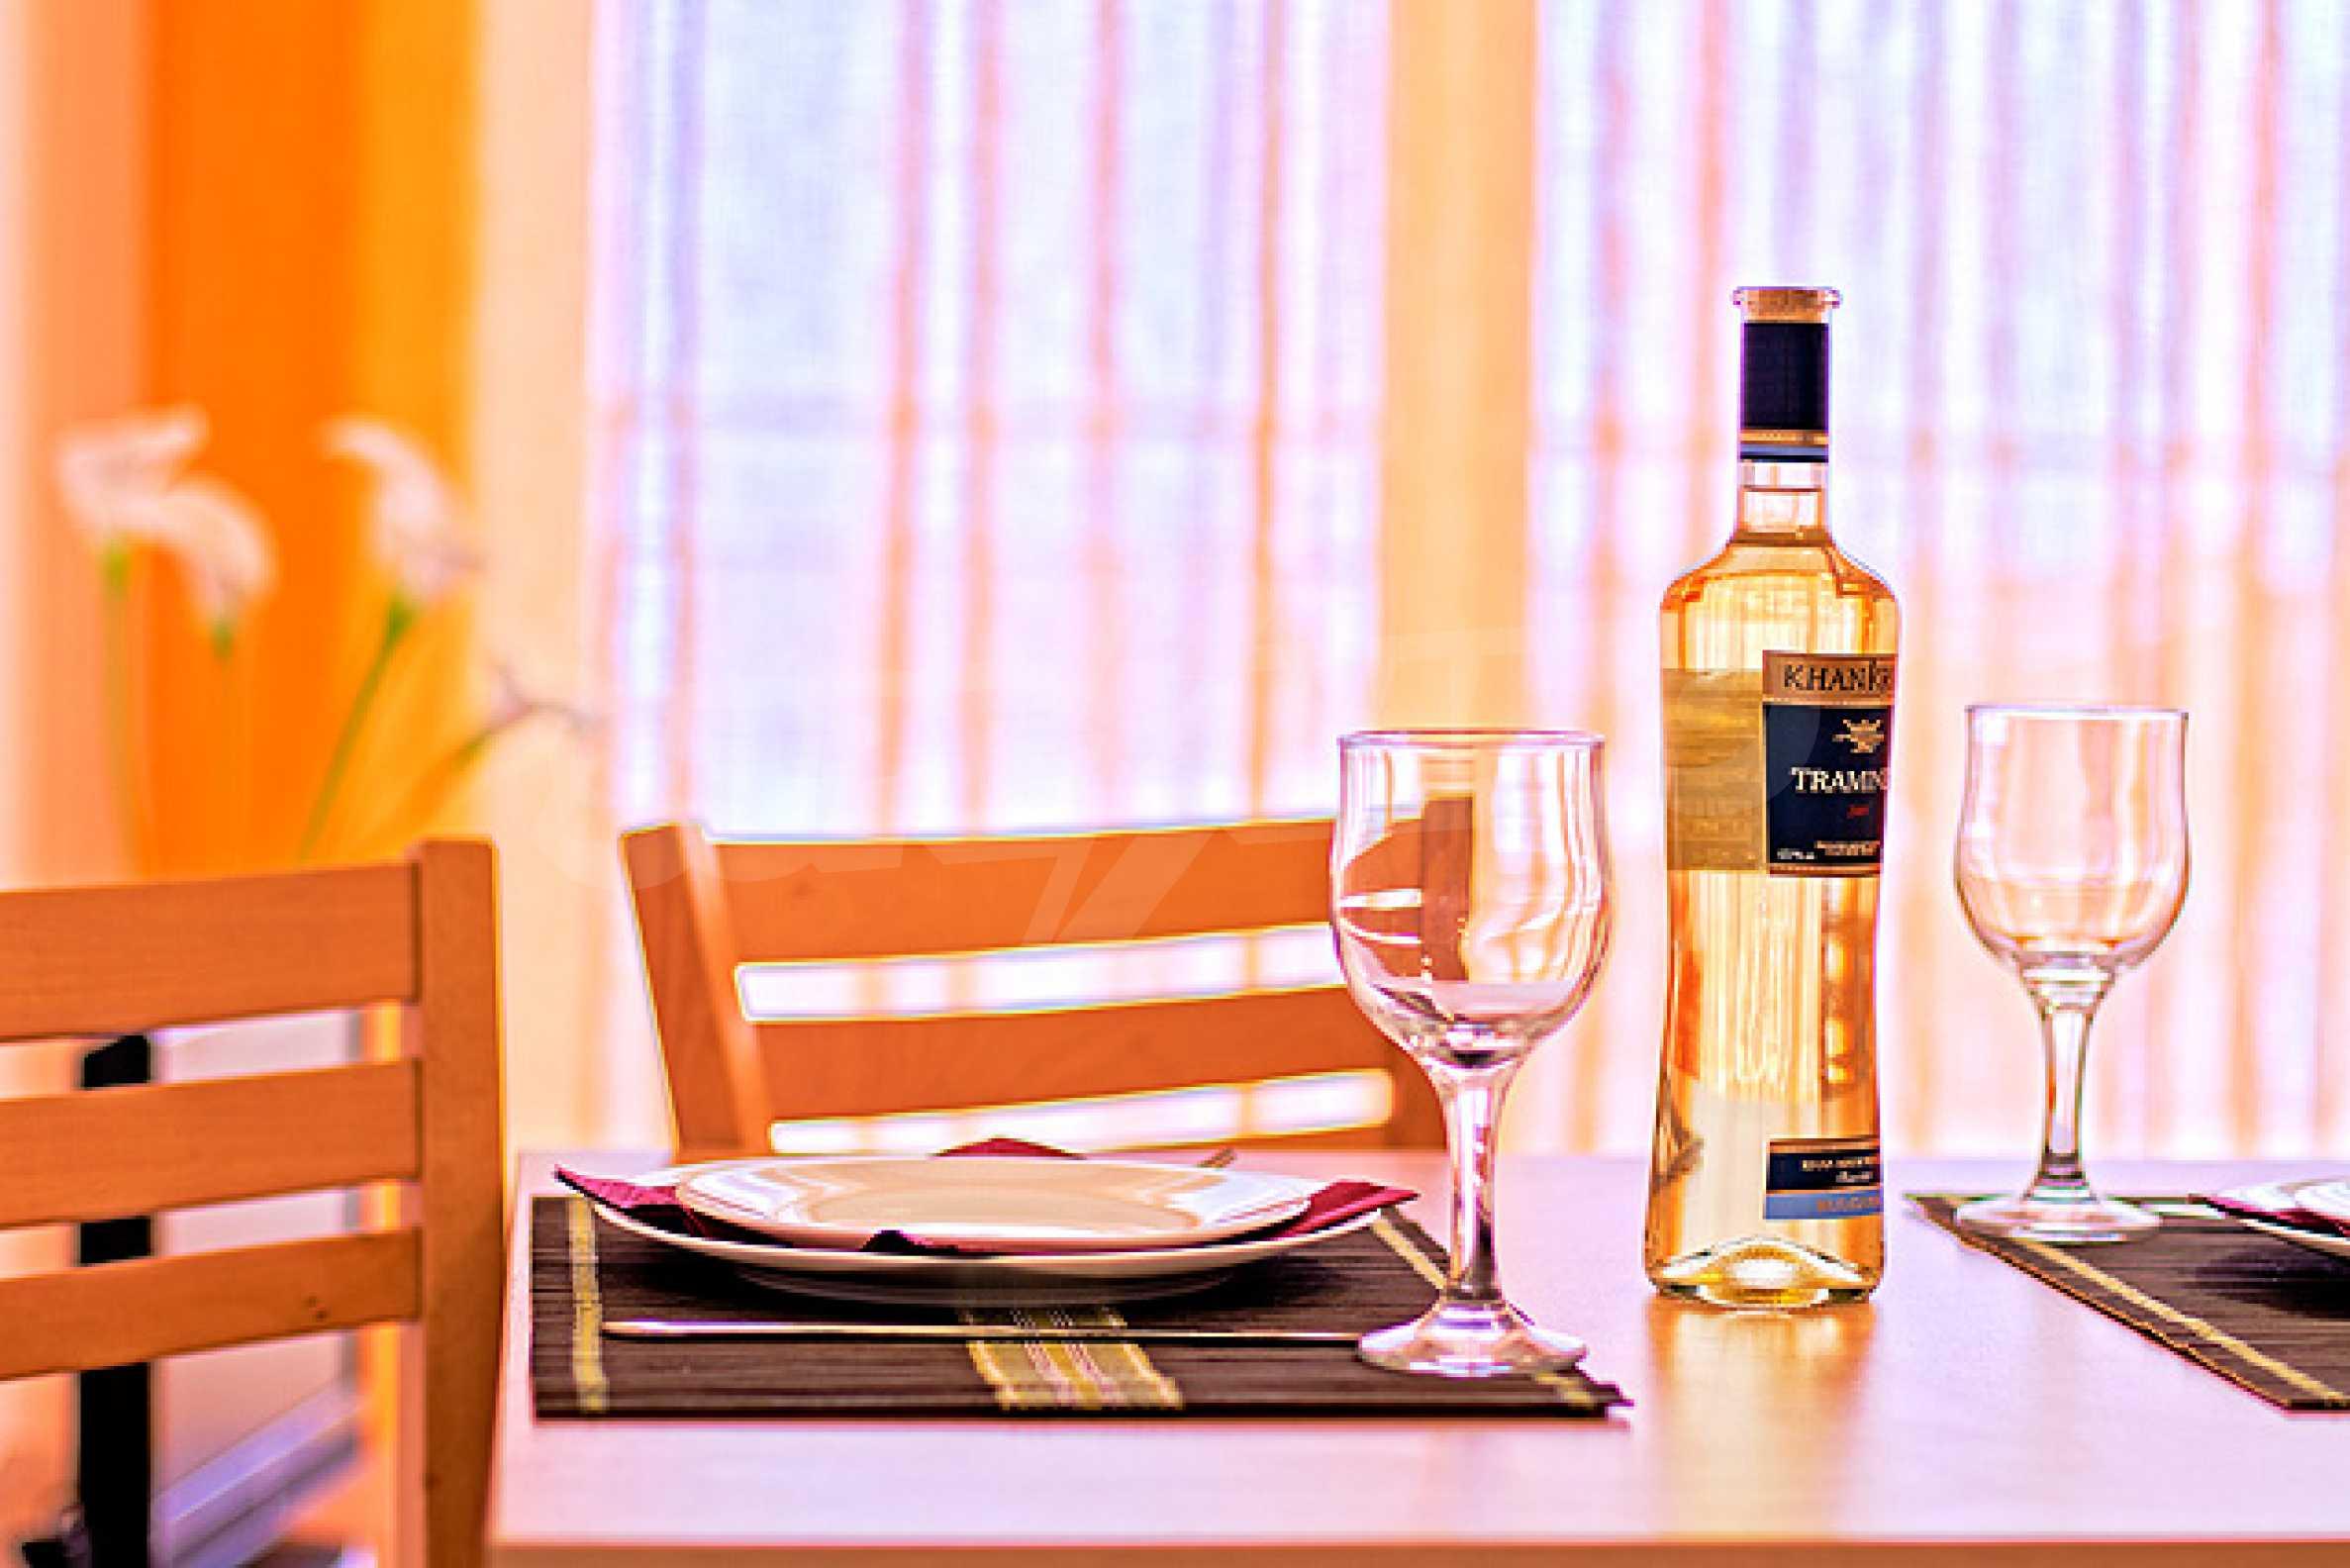 Sunset Kosharitsa - aпартаменти в атрактивен комплекс сред планината и морето, на 5 минути с кола от Слънчев бряг 21